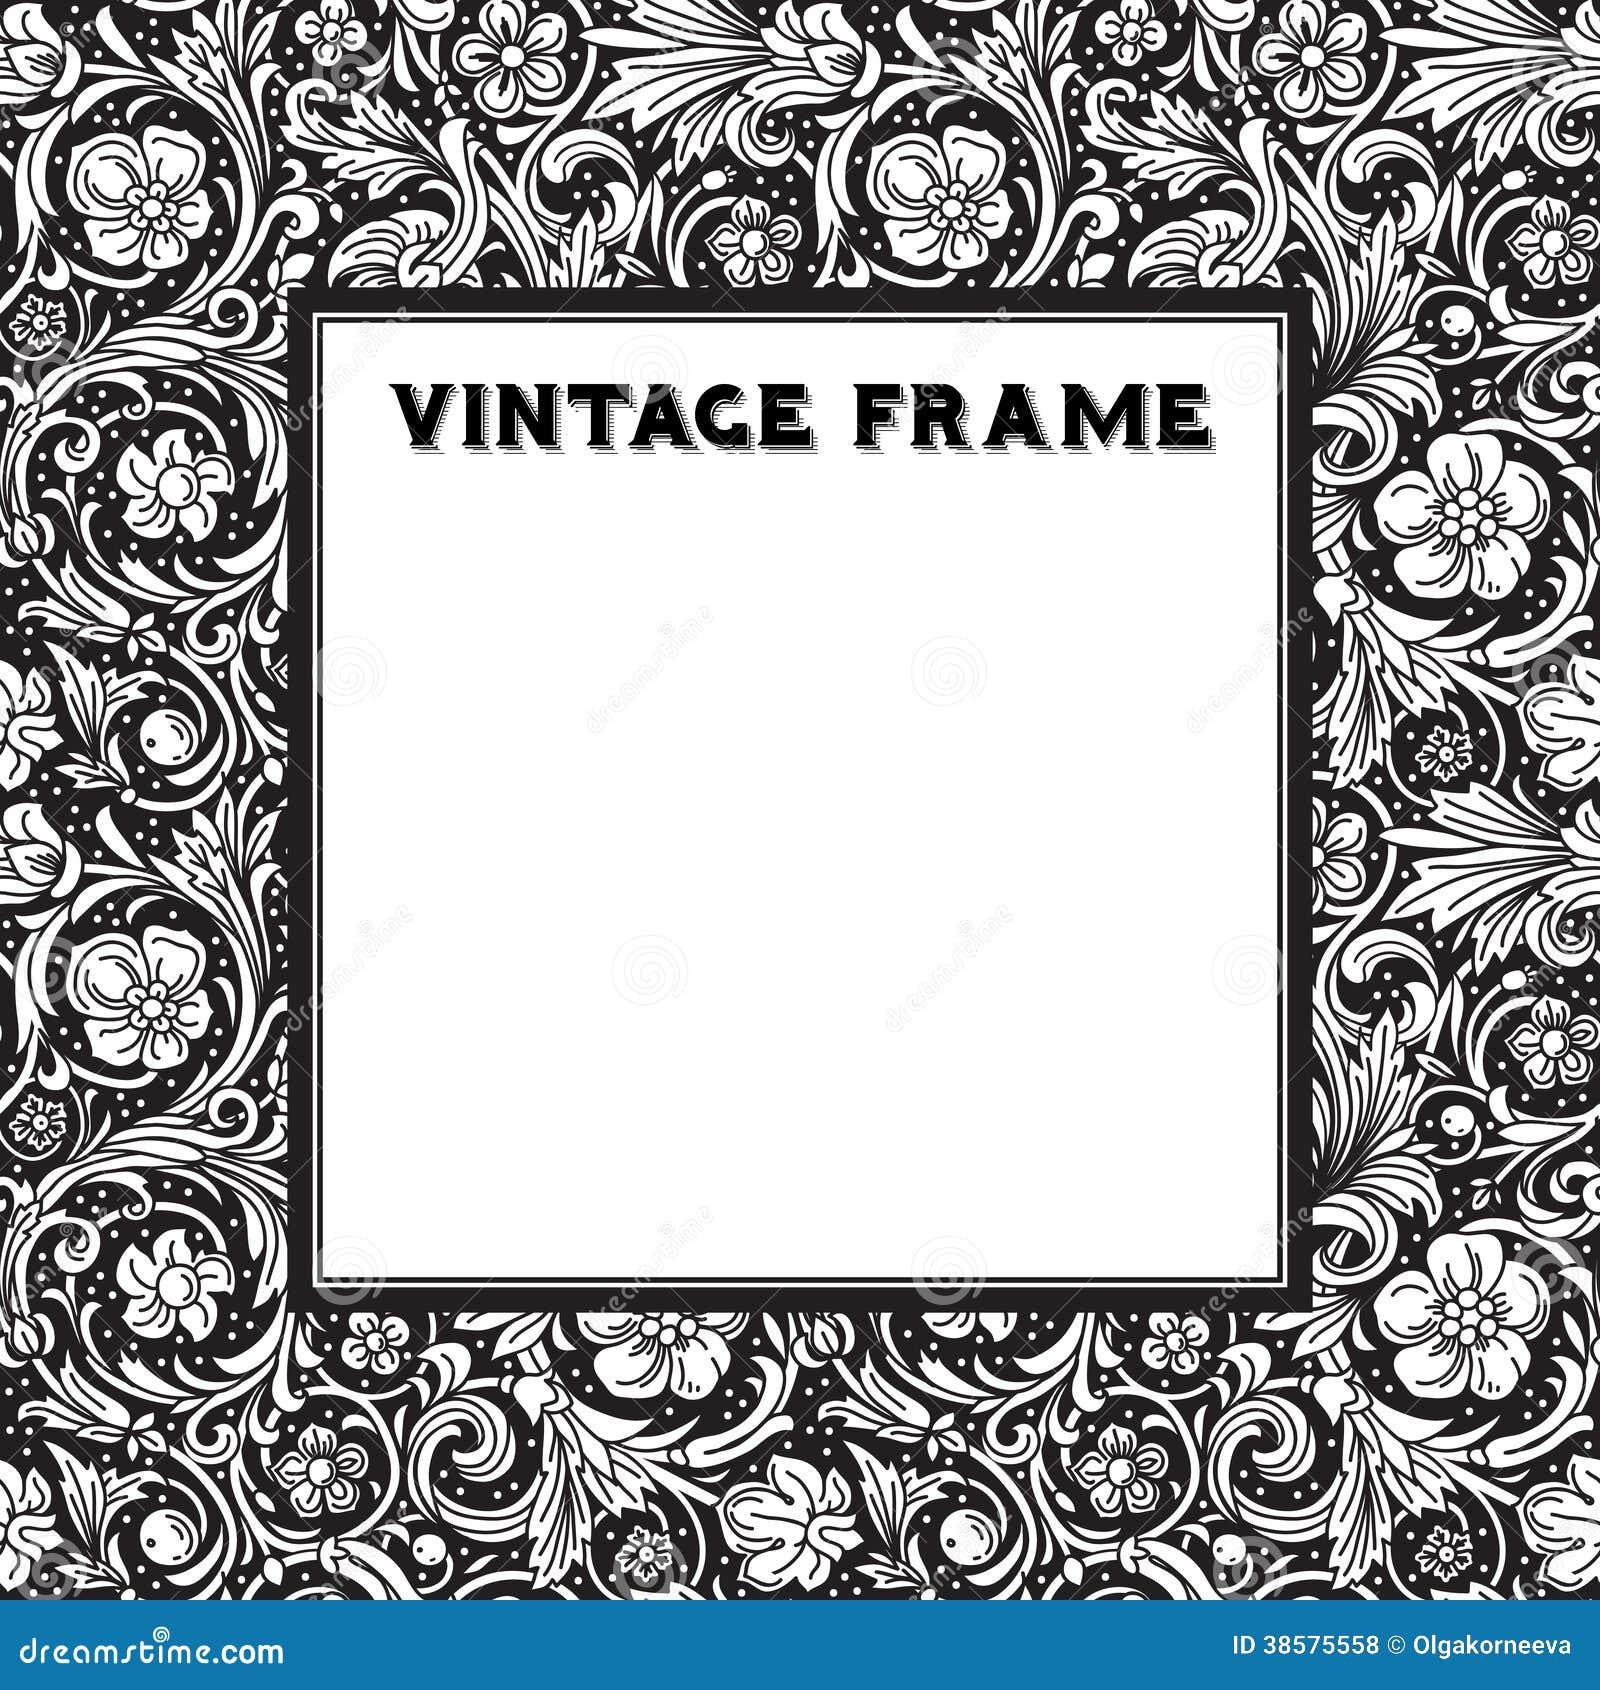 le baroque noir et blanc de cadre de vecteur photos libres de droits image 38575558. Black Bedroom Furniture Sets. Home Design Ideas